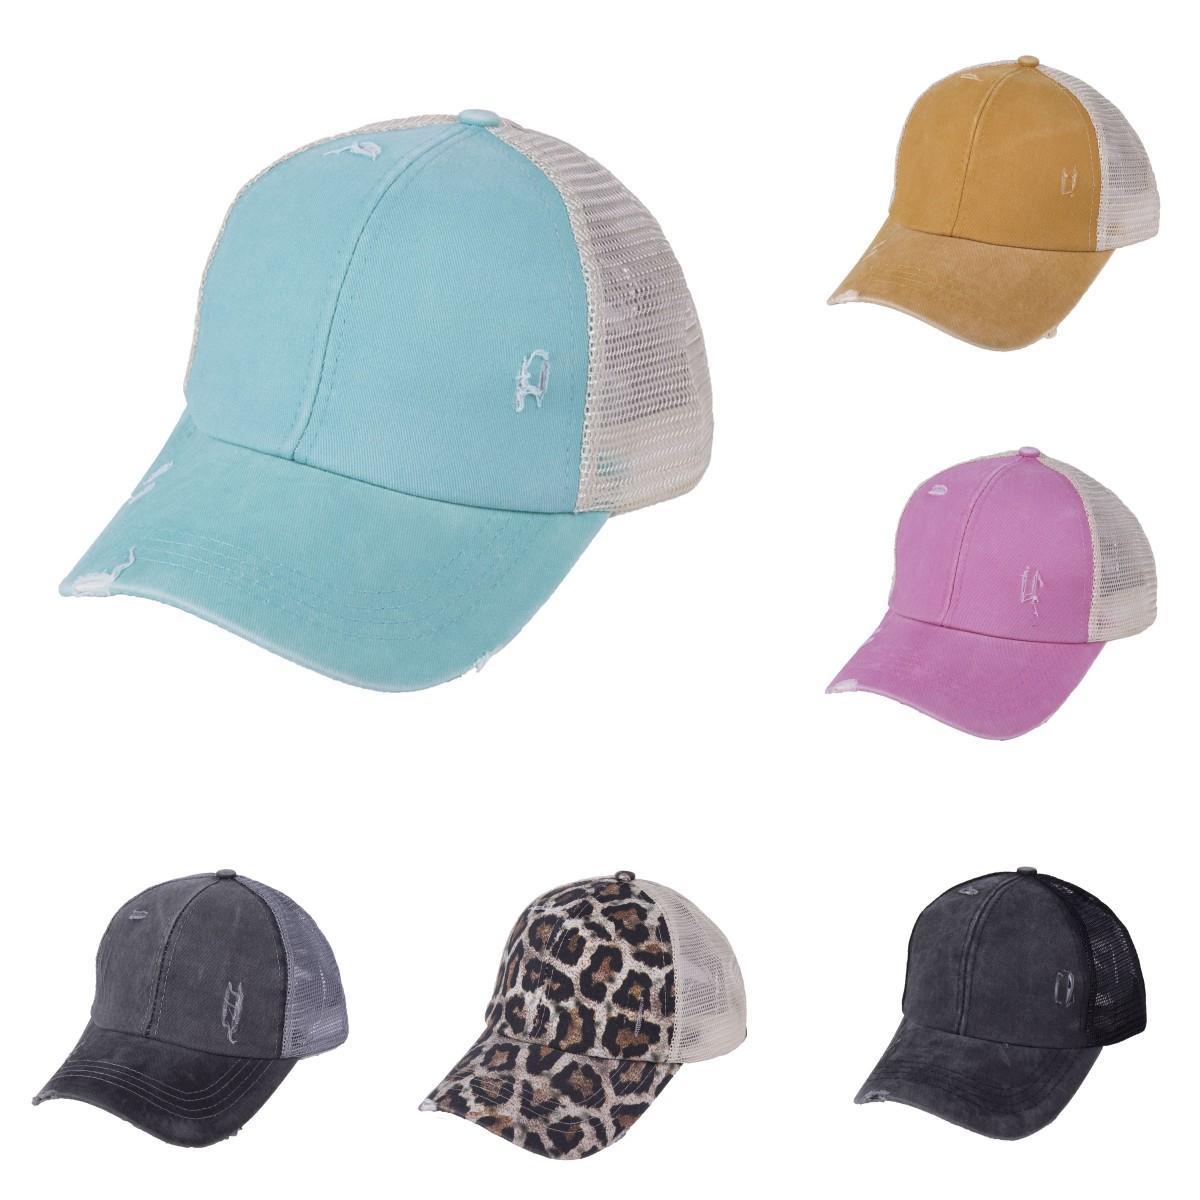 Женщины высокий хвост бейсбол промытый шляпа хлопчатобумажный регулируемый удар шляпа тчика Criss Cross Toy Buns Caps DDA6